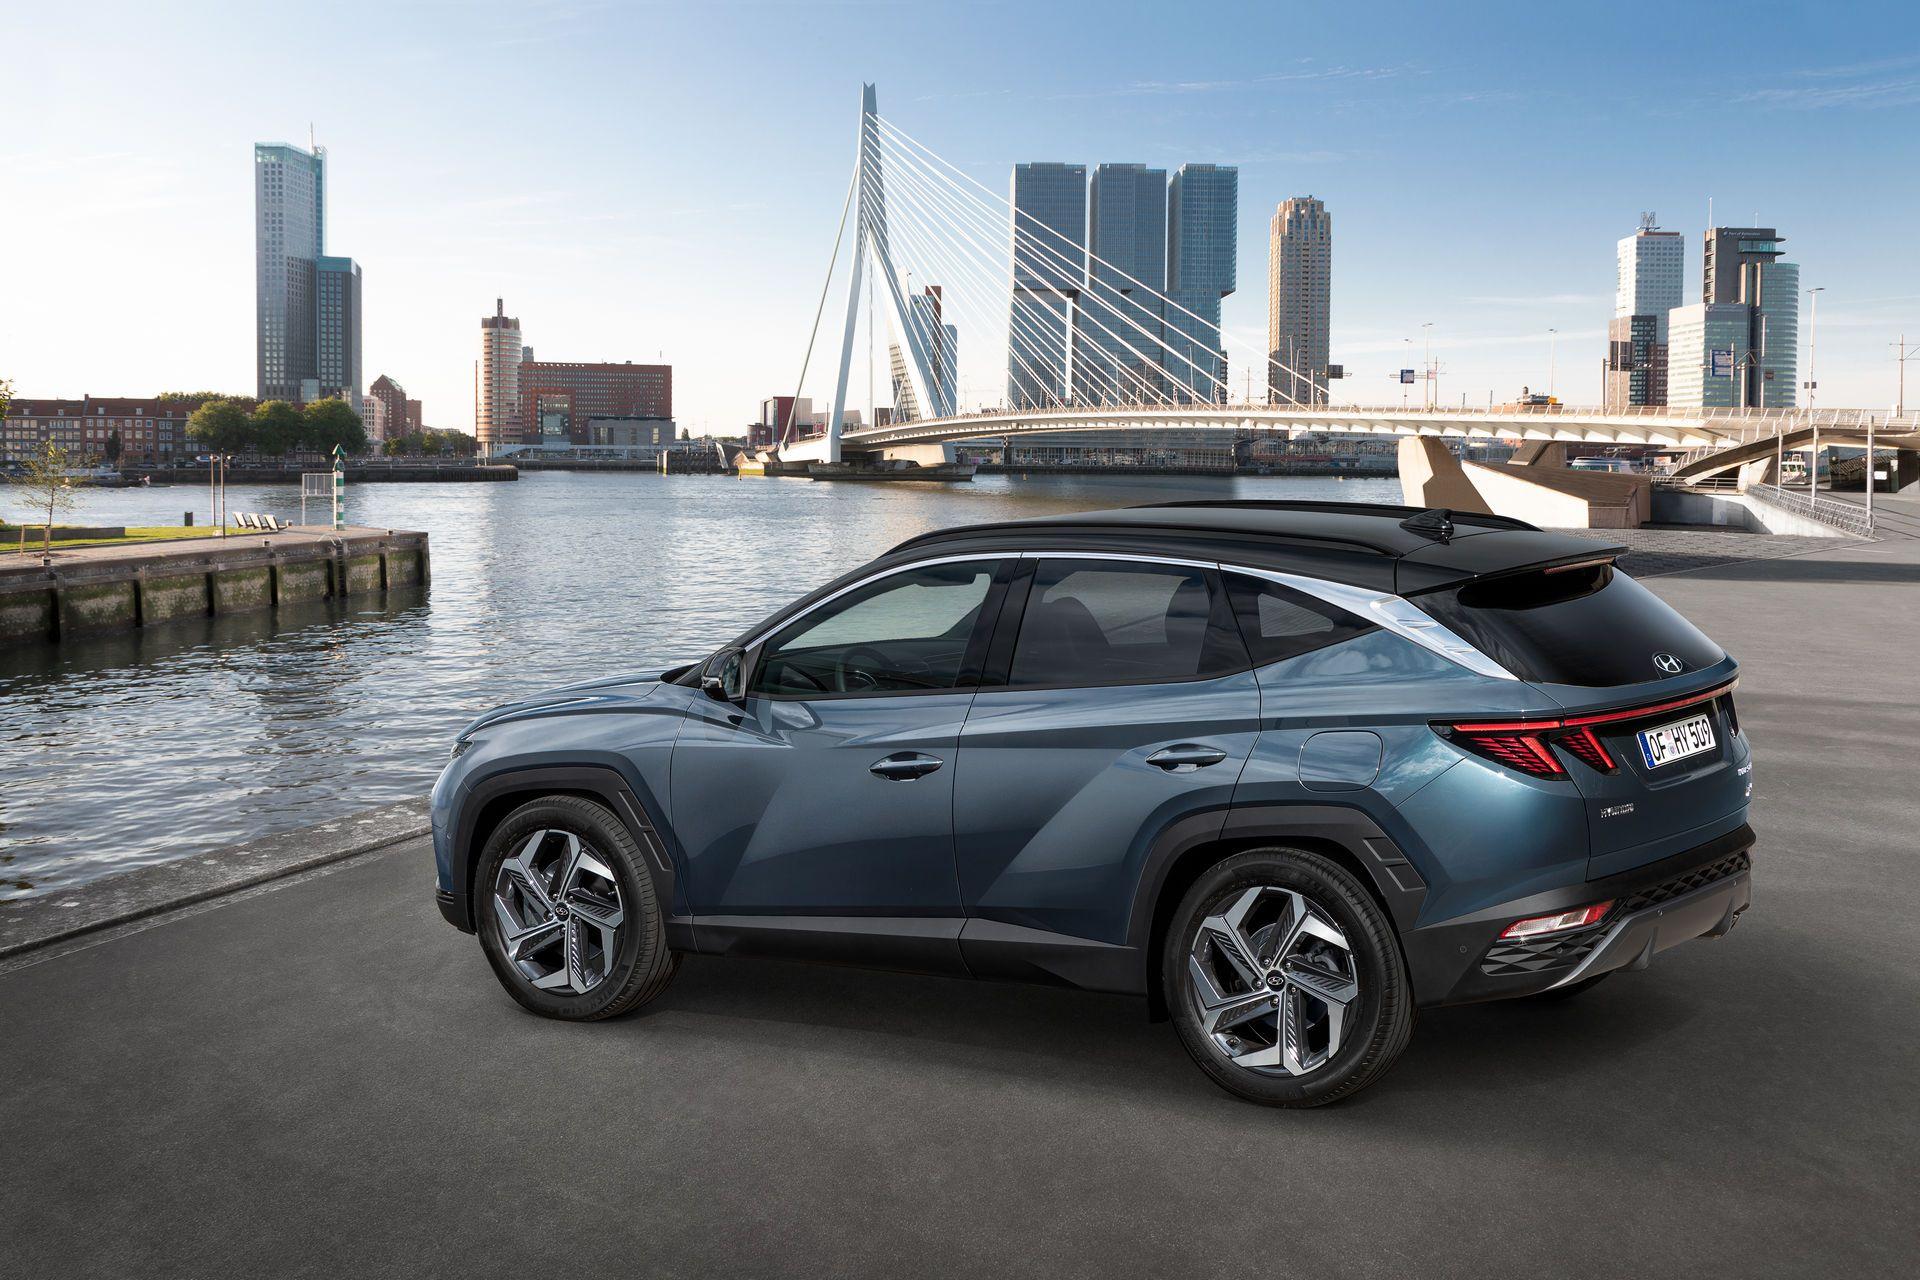 Hyundai-Tucson-2021-11